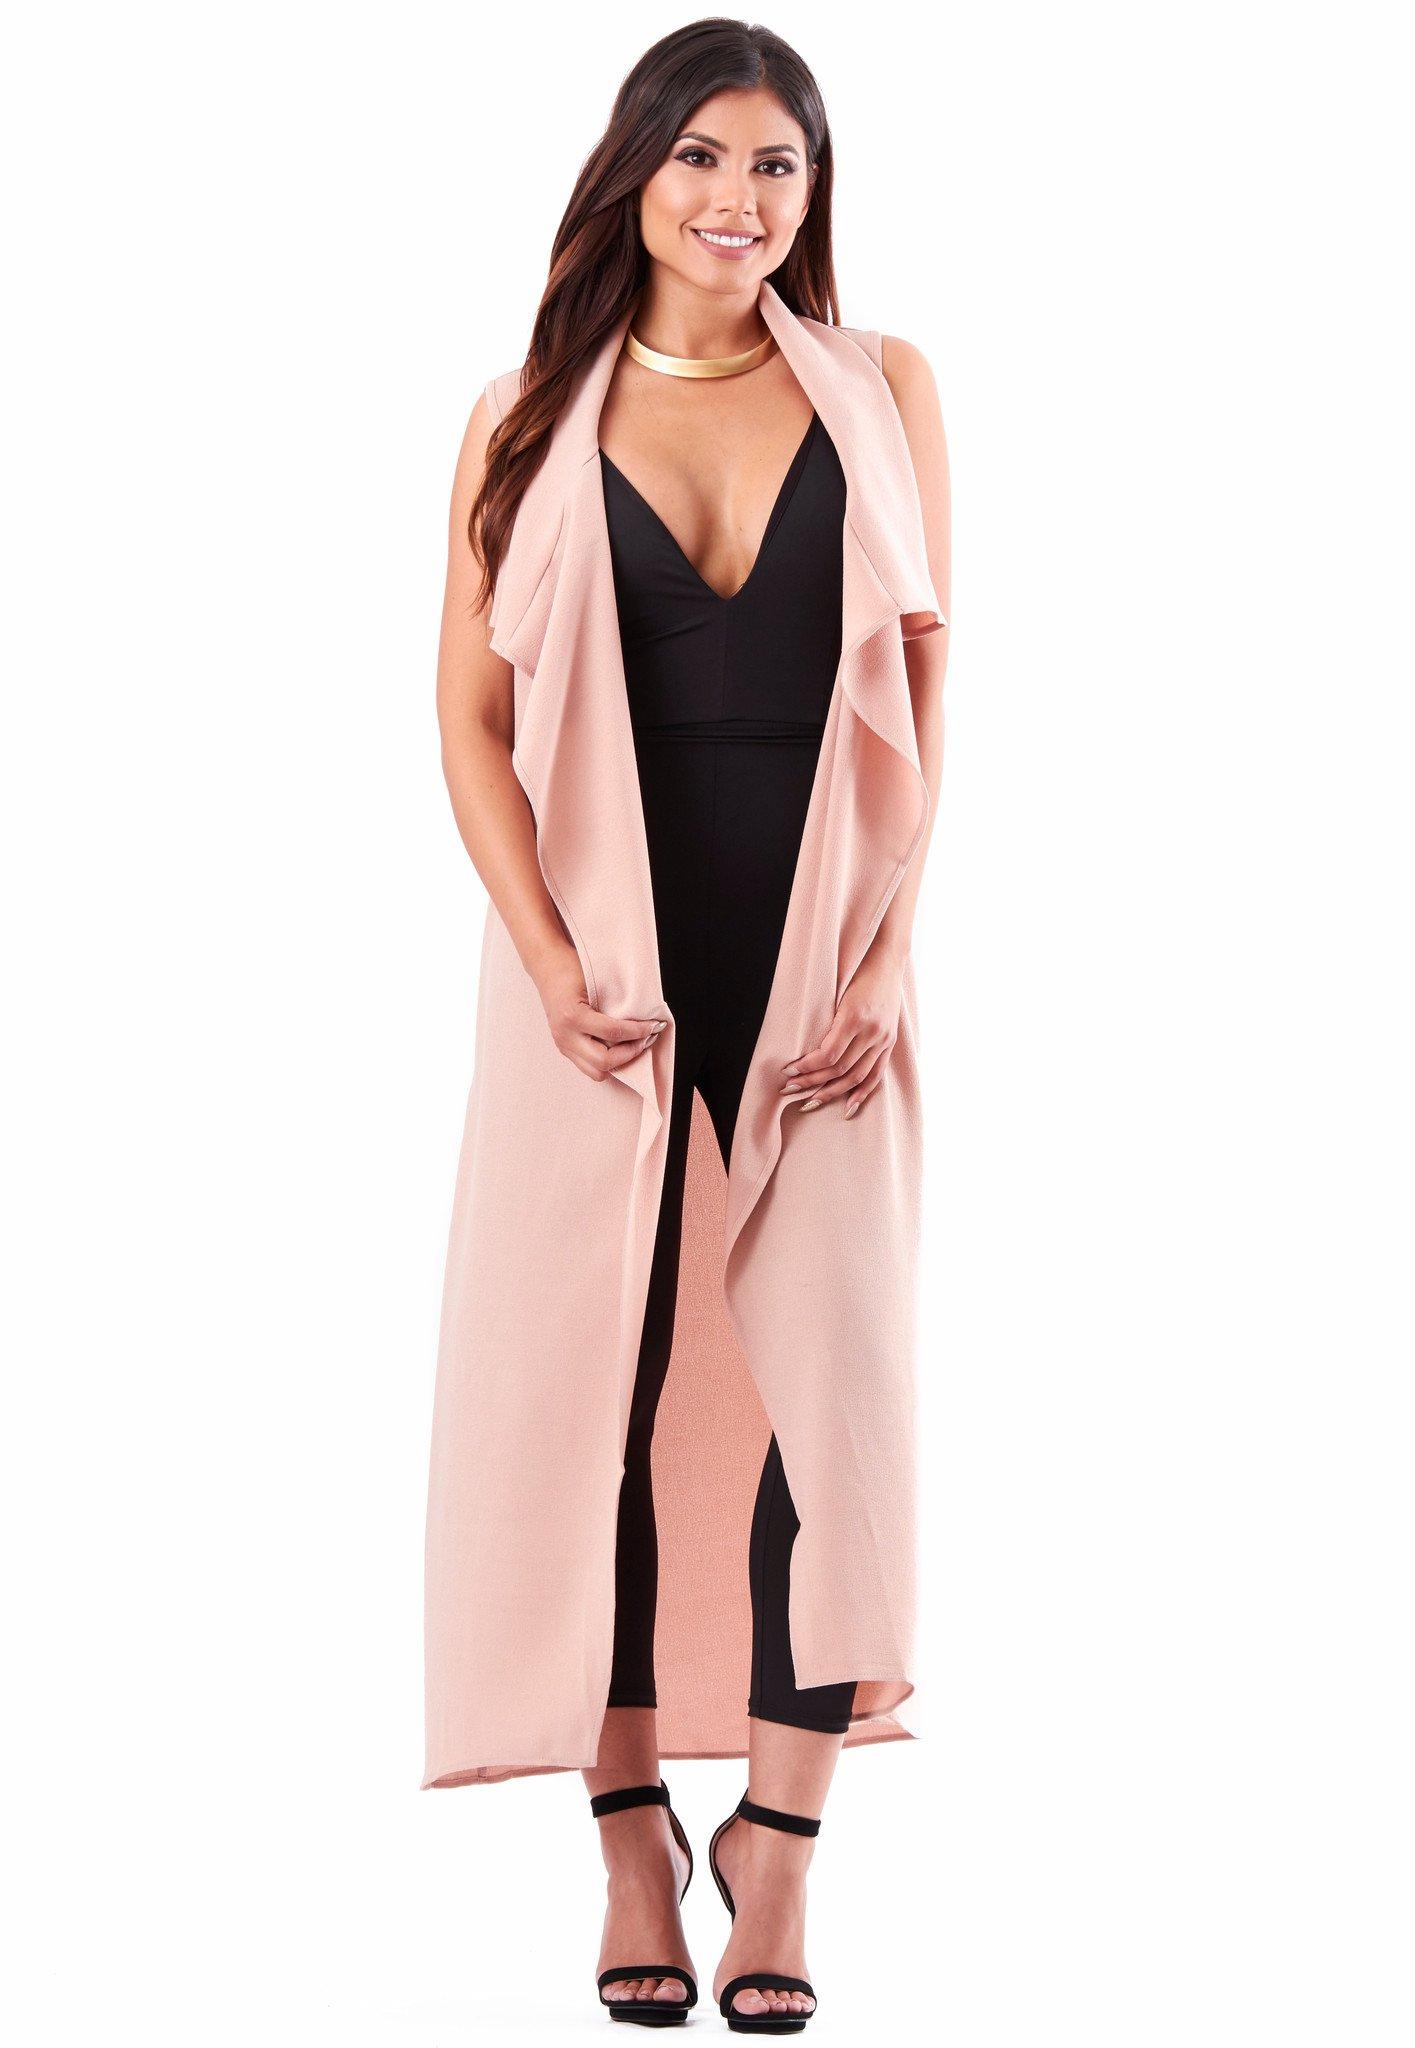 black-jumpsuit-collar-necklace-pink-light-vest-knit-brun-black-shoe-sandalh-spring-summer-dinner.jpg